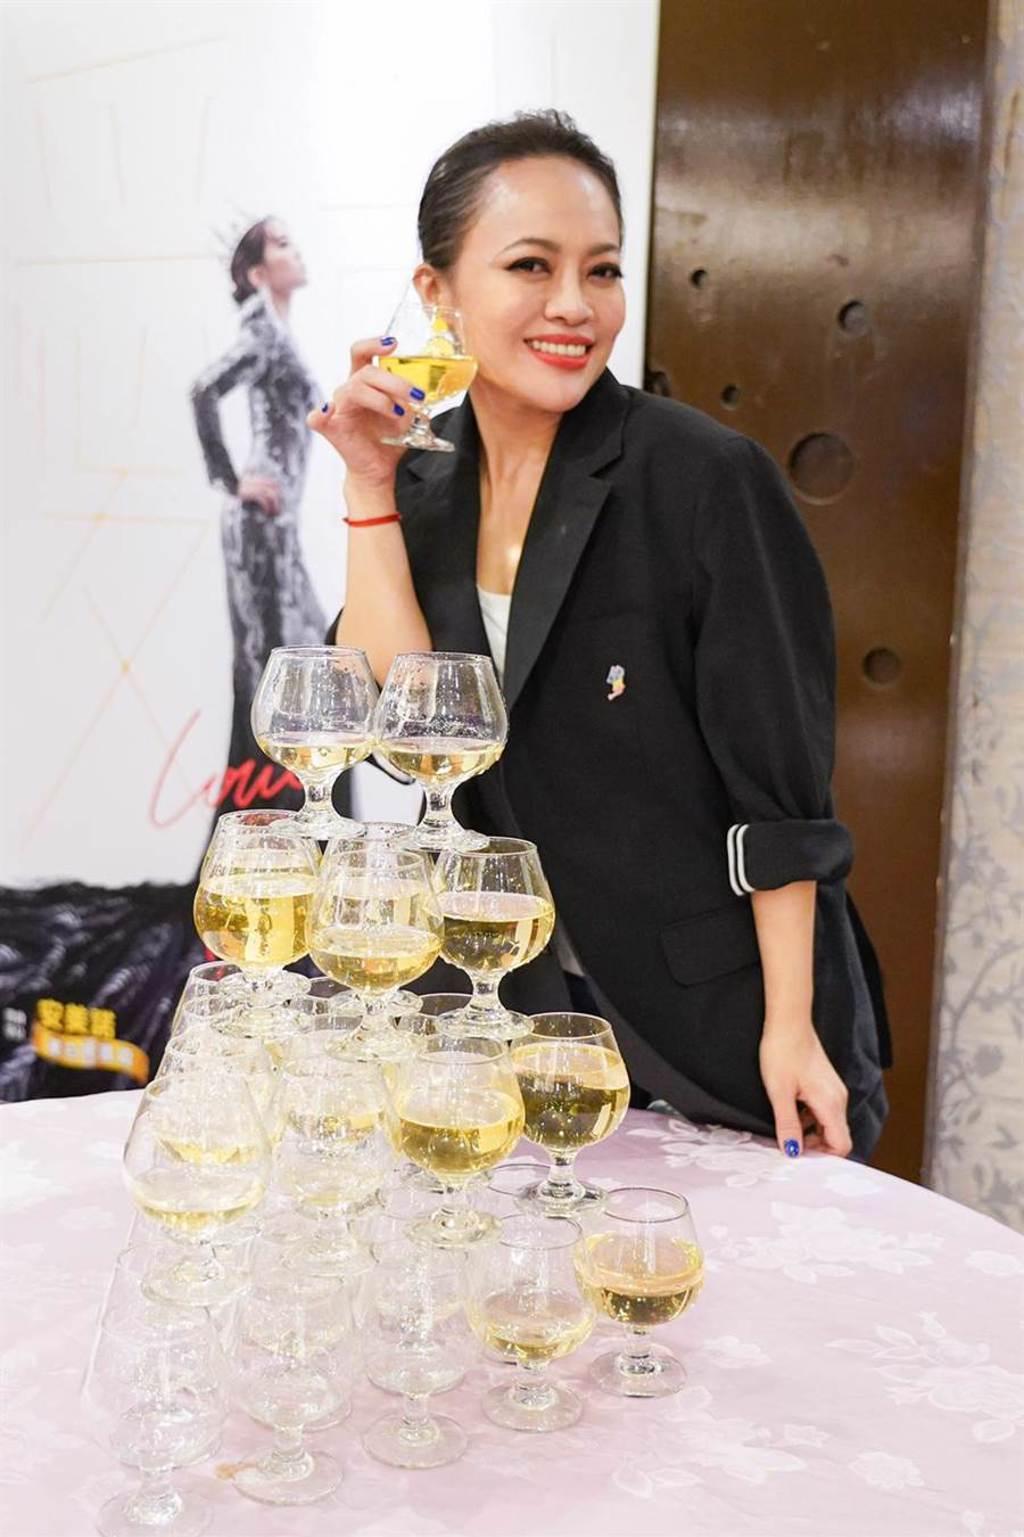 戴愛玲歡喜地開香檳慶祝演出圓滿成功。(索尼音樂提供)